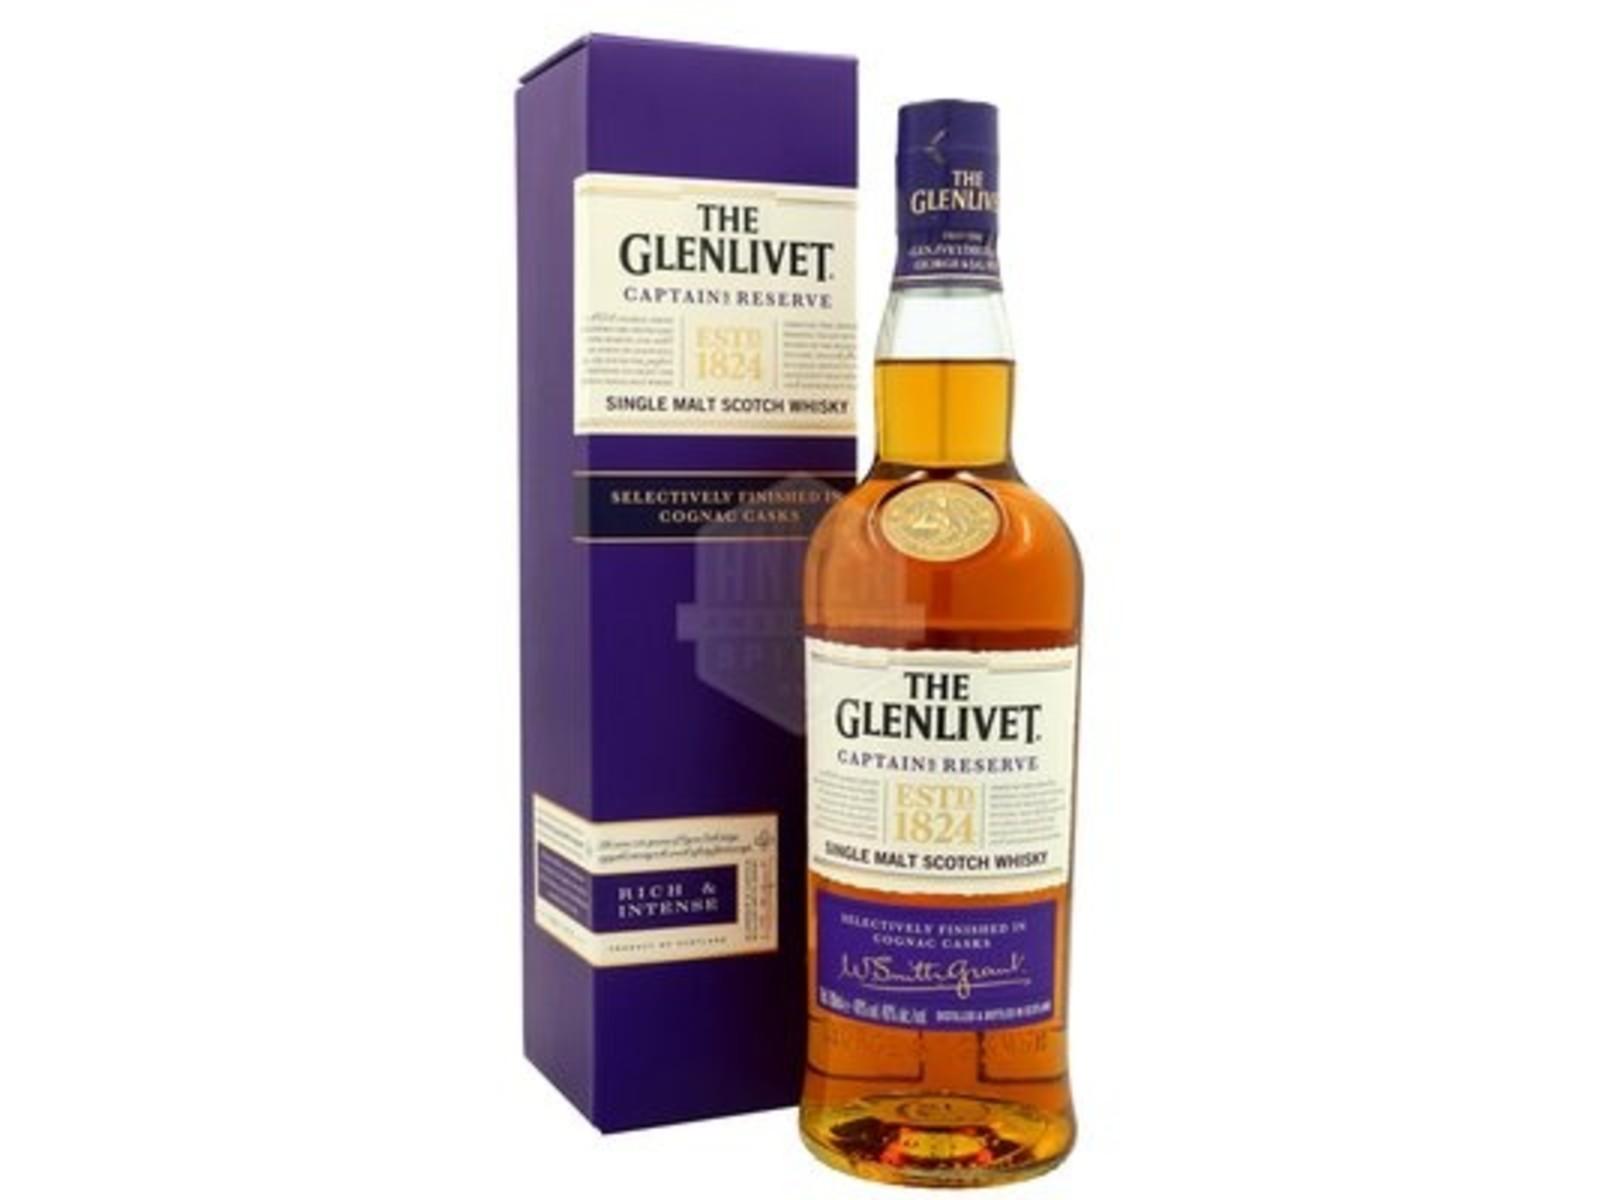 The Glenlivet The Glenlivet / Captain's Reserve